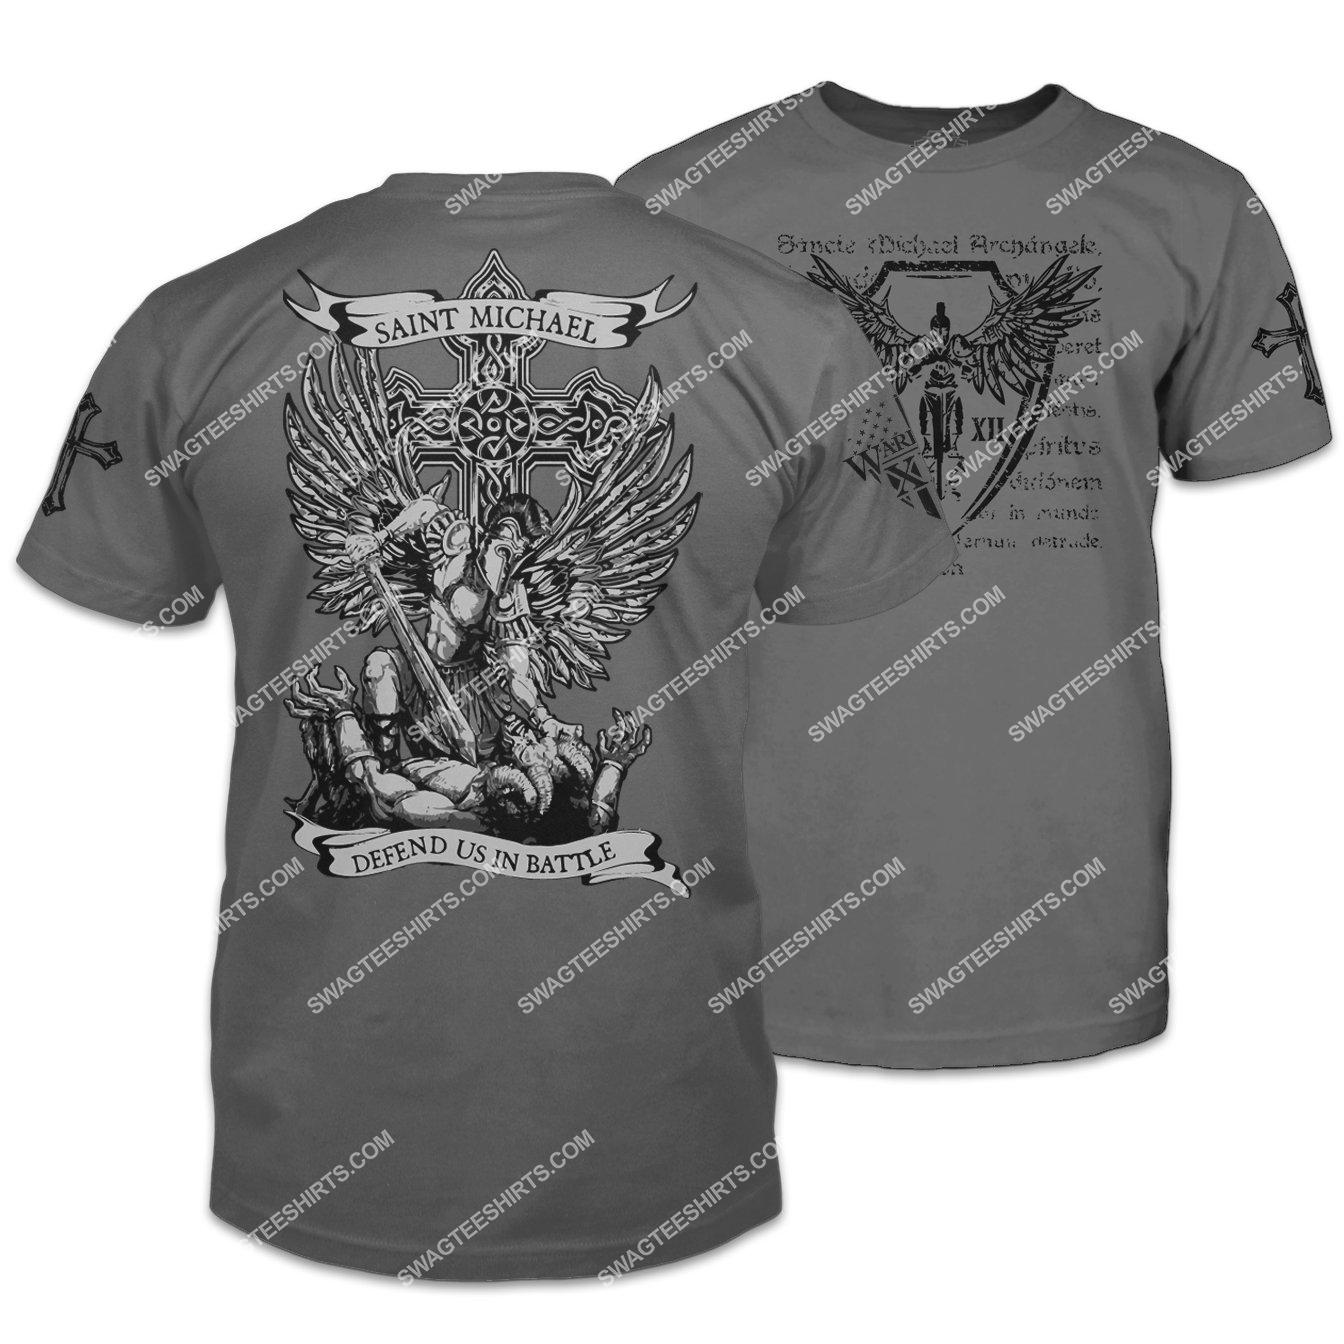 saint michael defend us in battle shirt 1 - Copy (3)